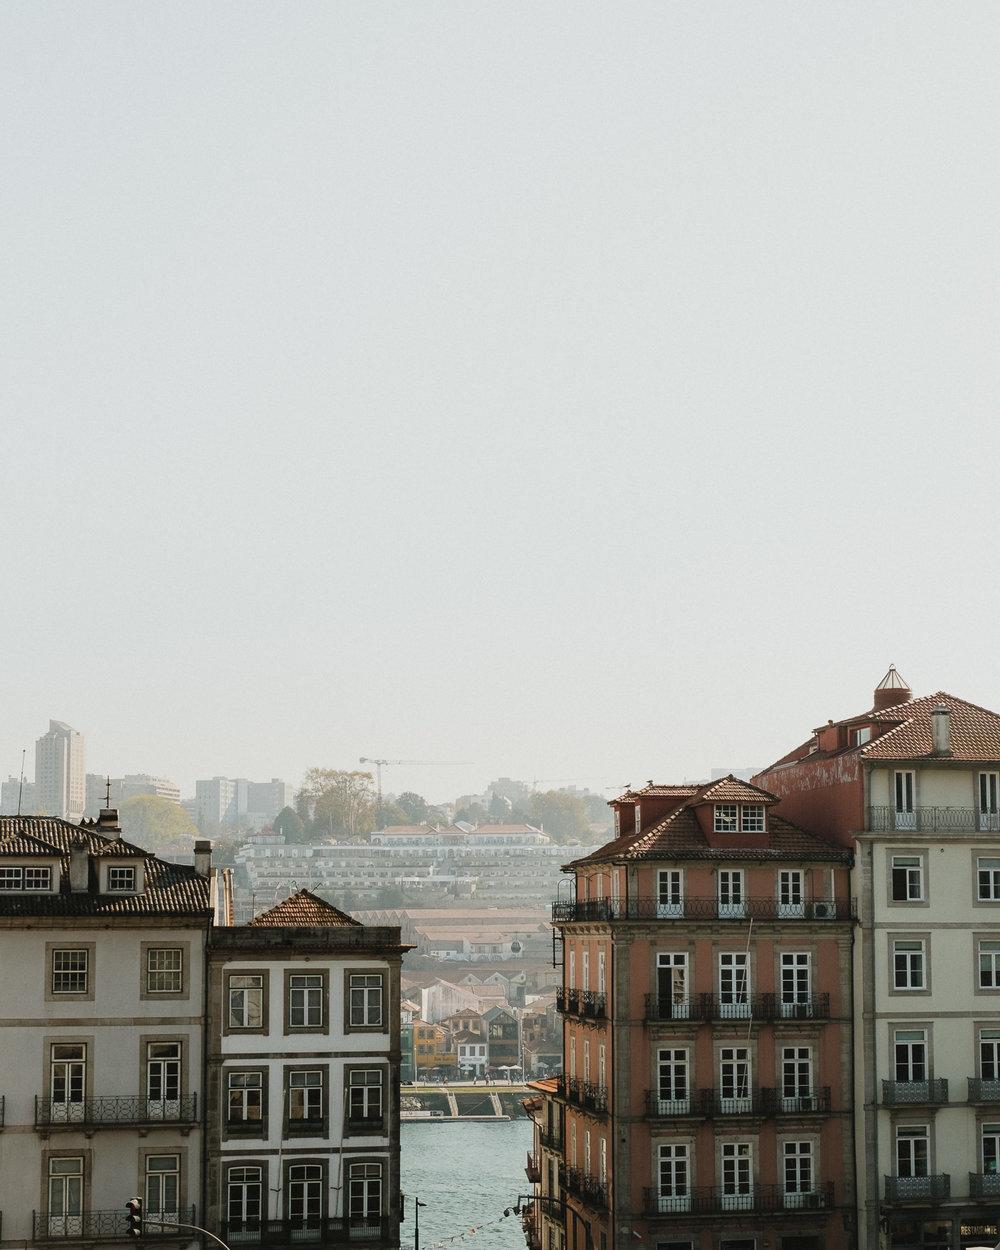 A glimpse of the Douro.